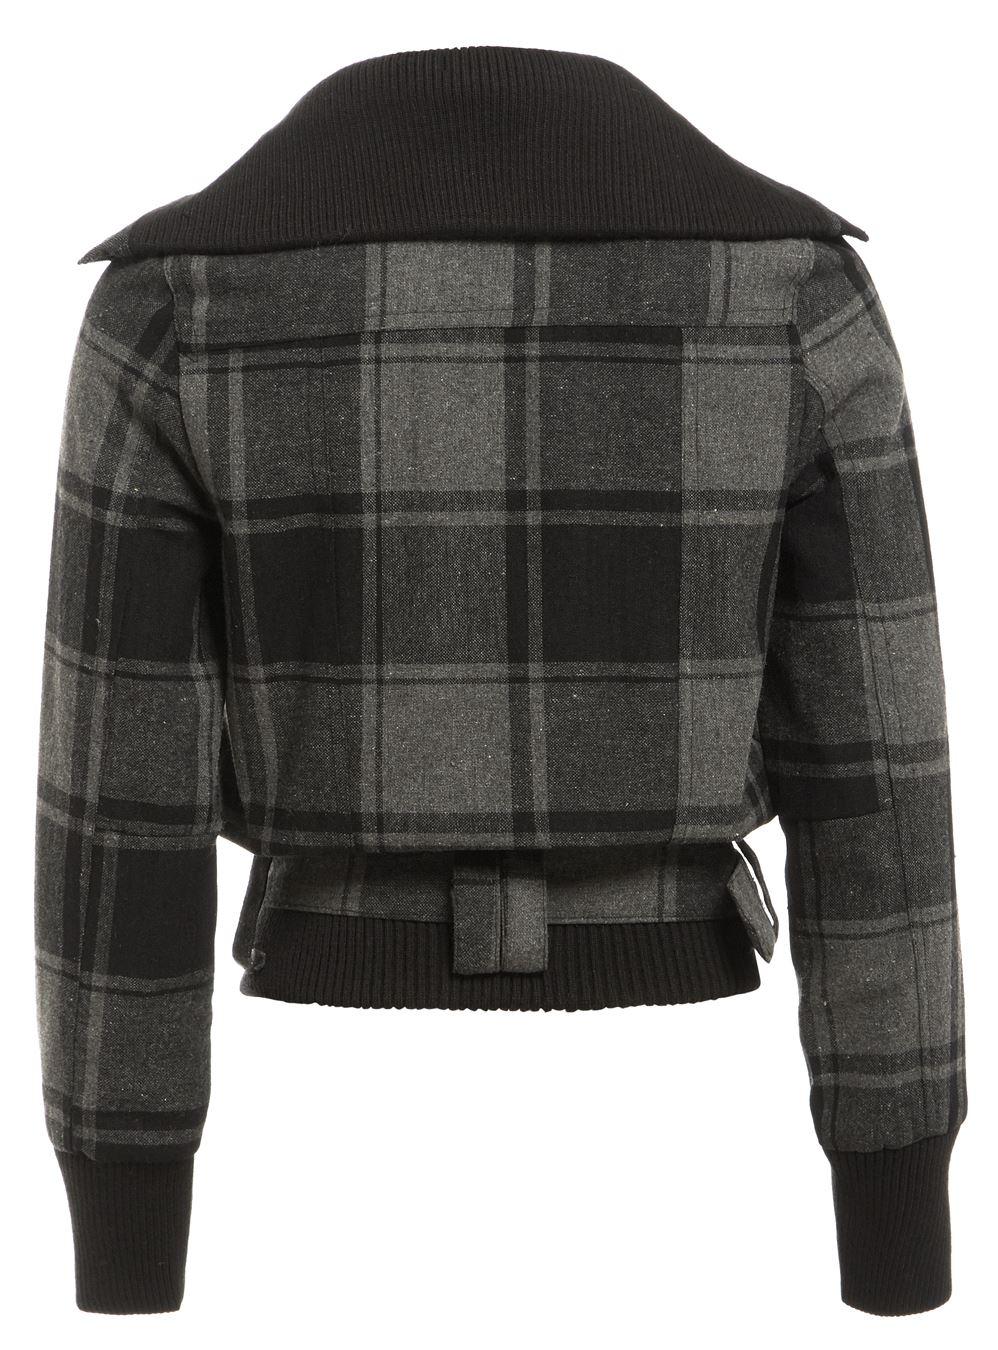 456d652d317f2 Lana para mujer chaqueta de Chicas Abrigo Talla 8 10 12 14 Negro ...